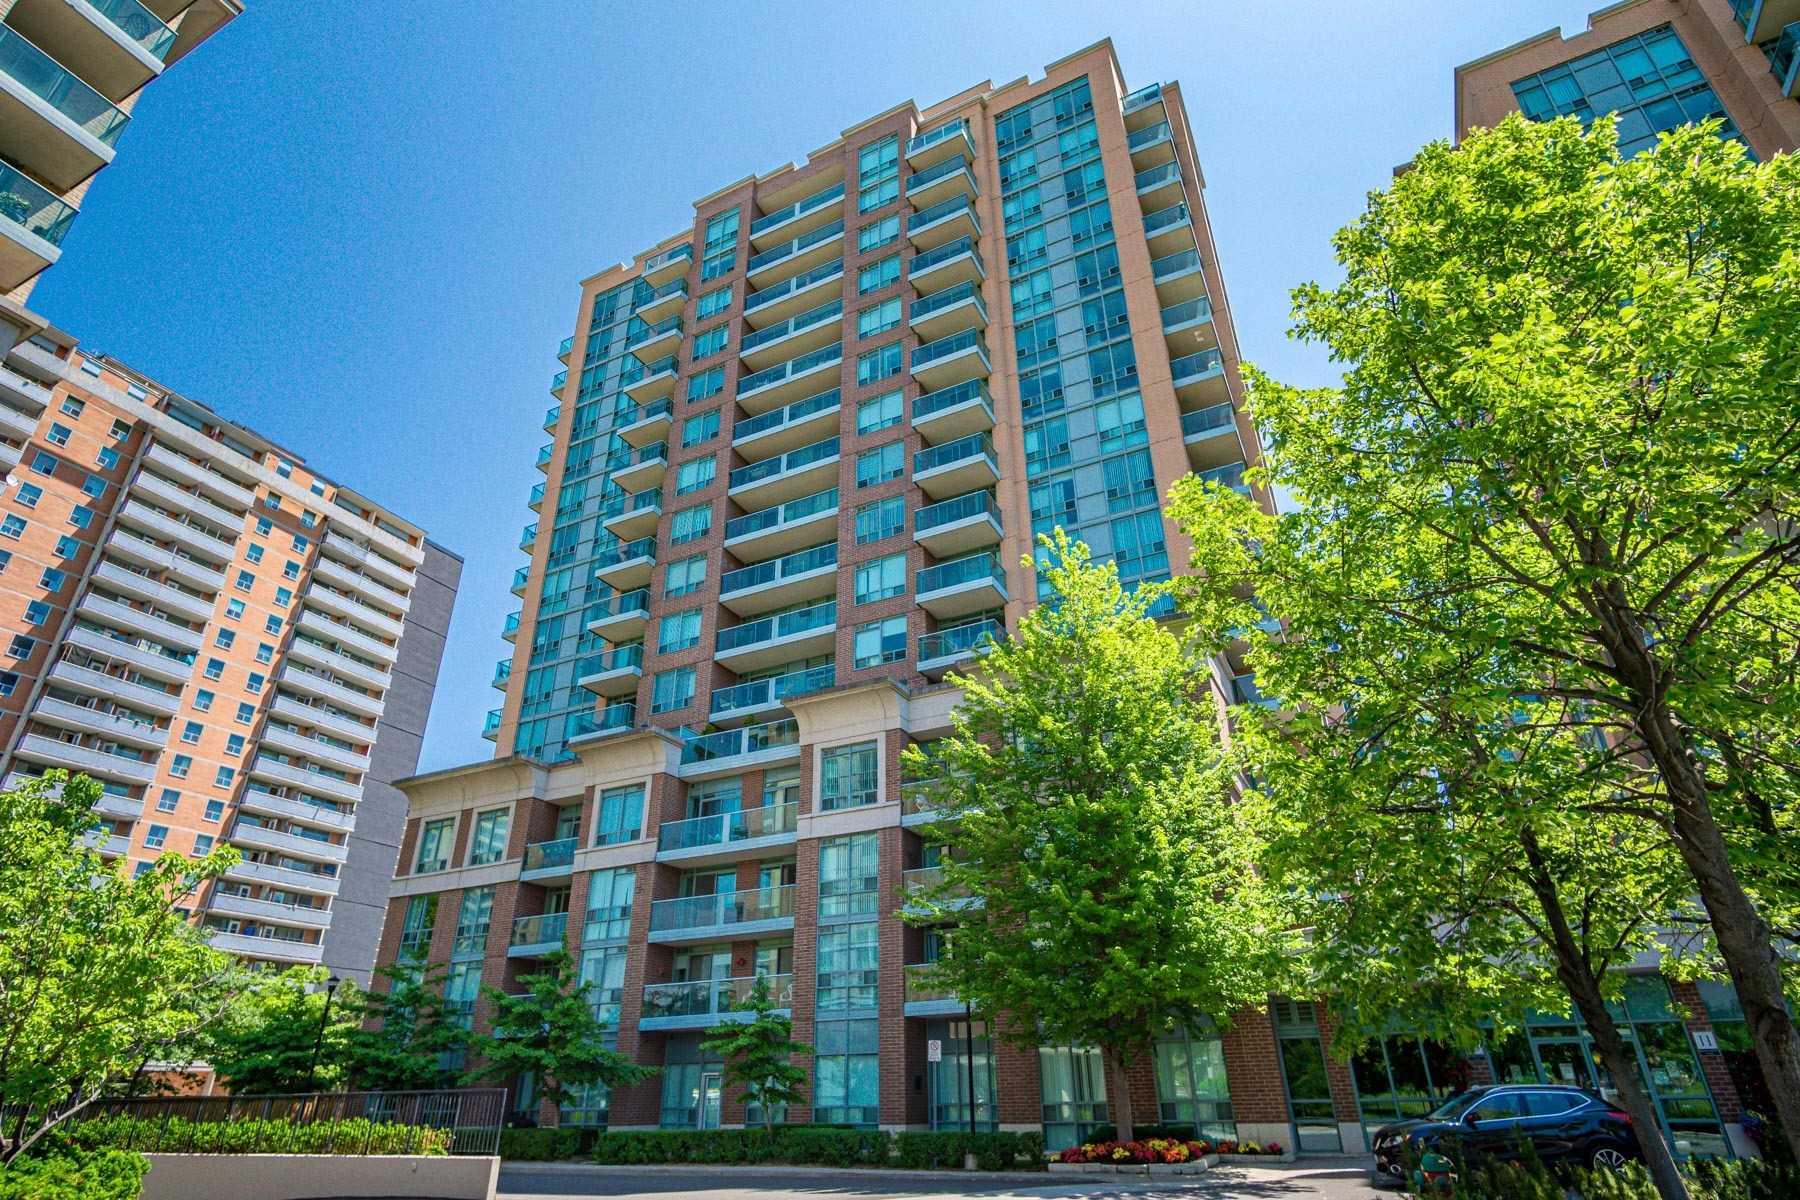 House For Sale Unit 1605, 15 Michael Power Pl, M9A5G4, Islington-City Centre West, Toronto